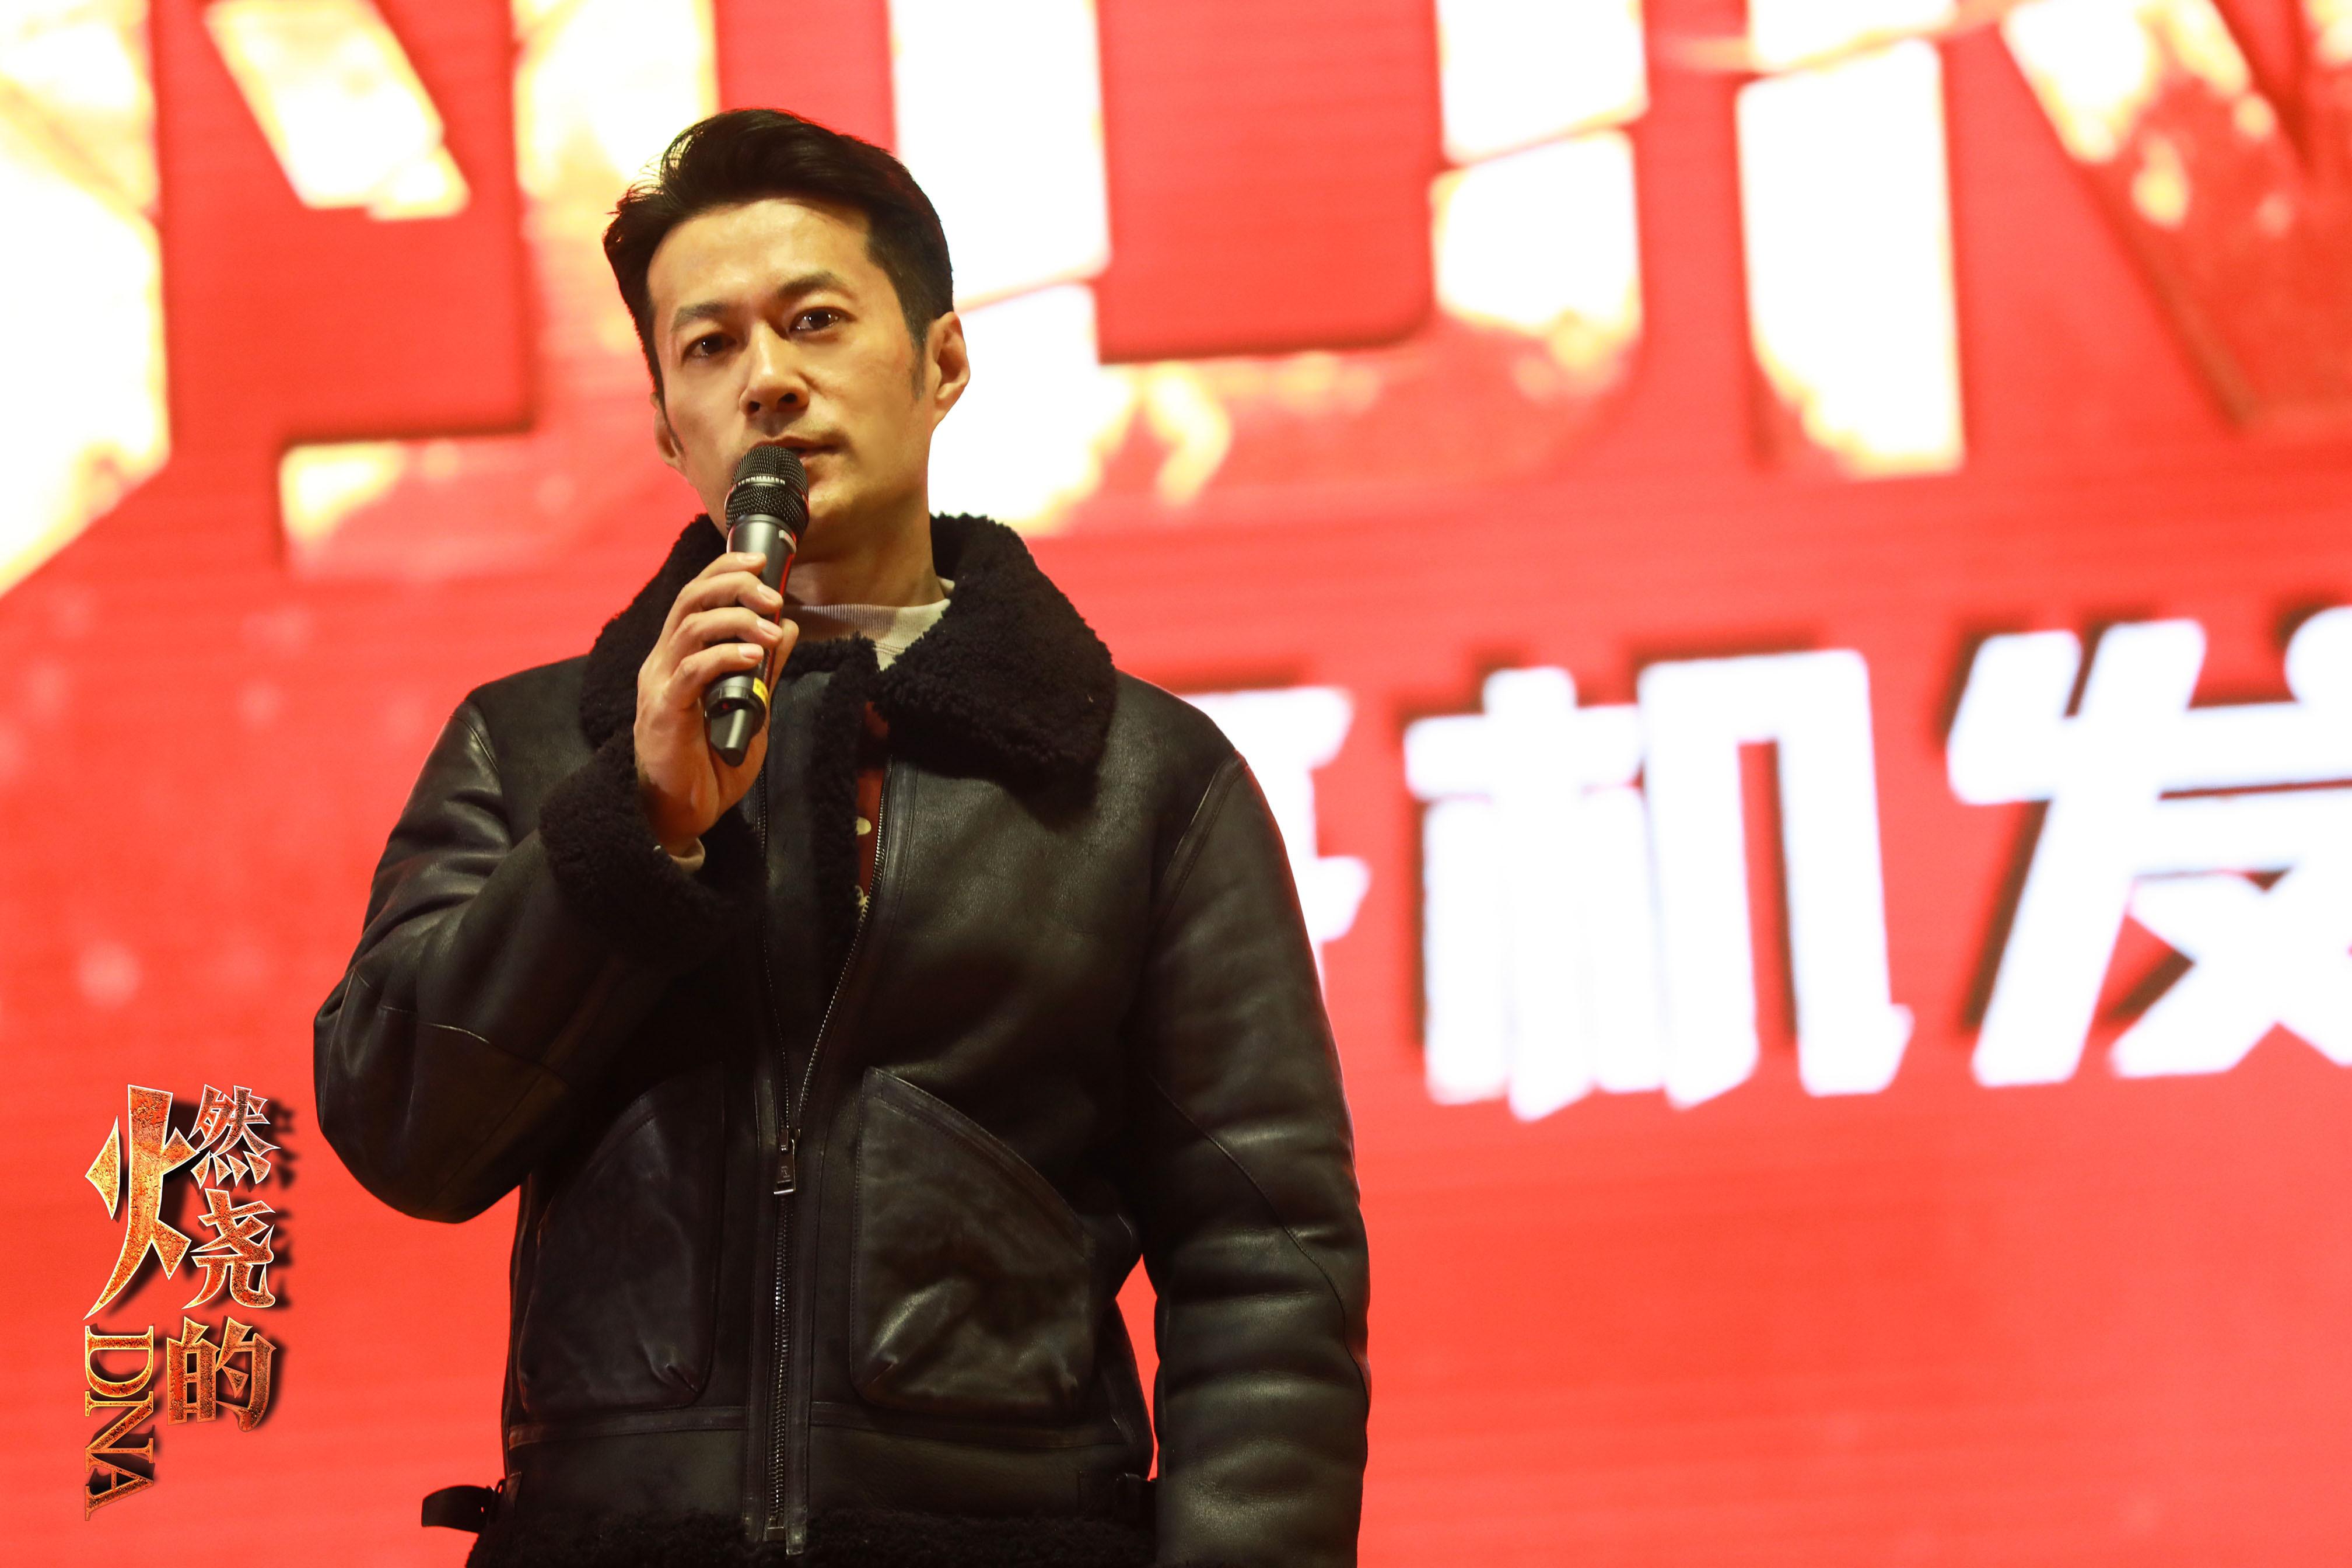 《特种兵之深入敌后》收官 羿坤被网友喊话望能拍续集